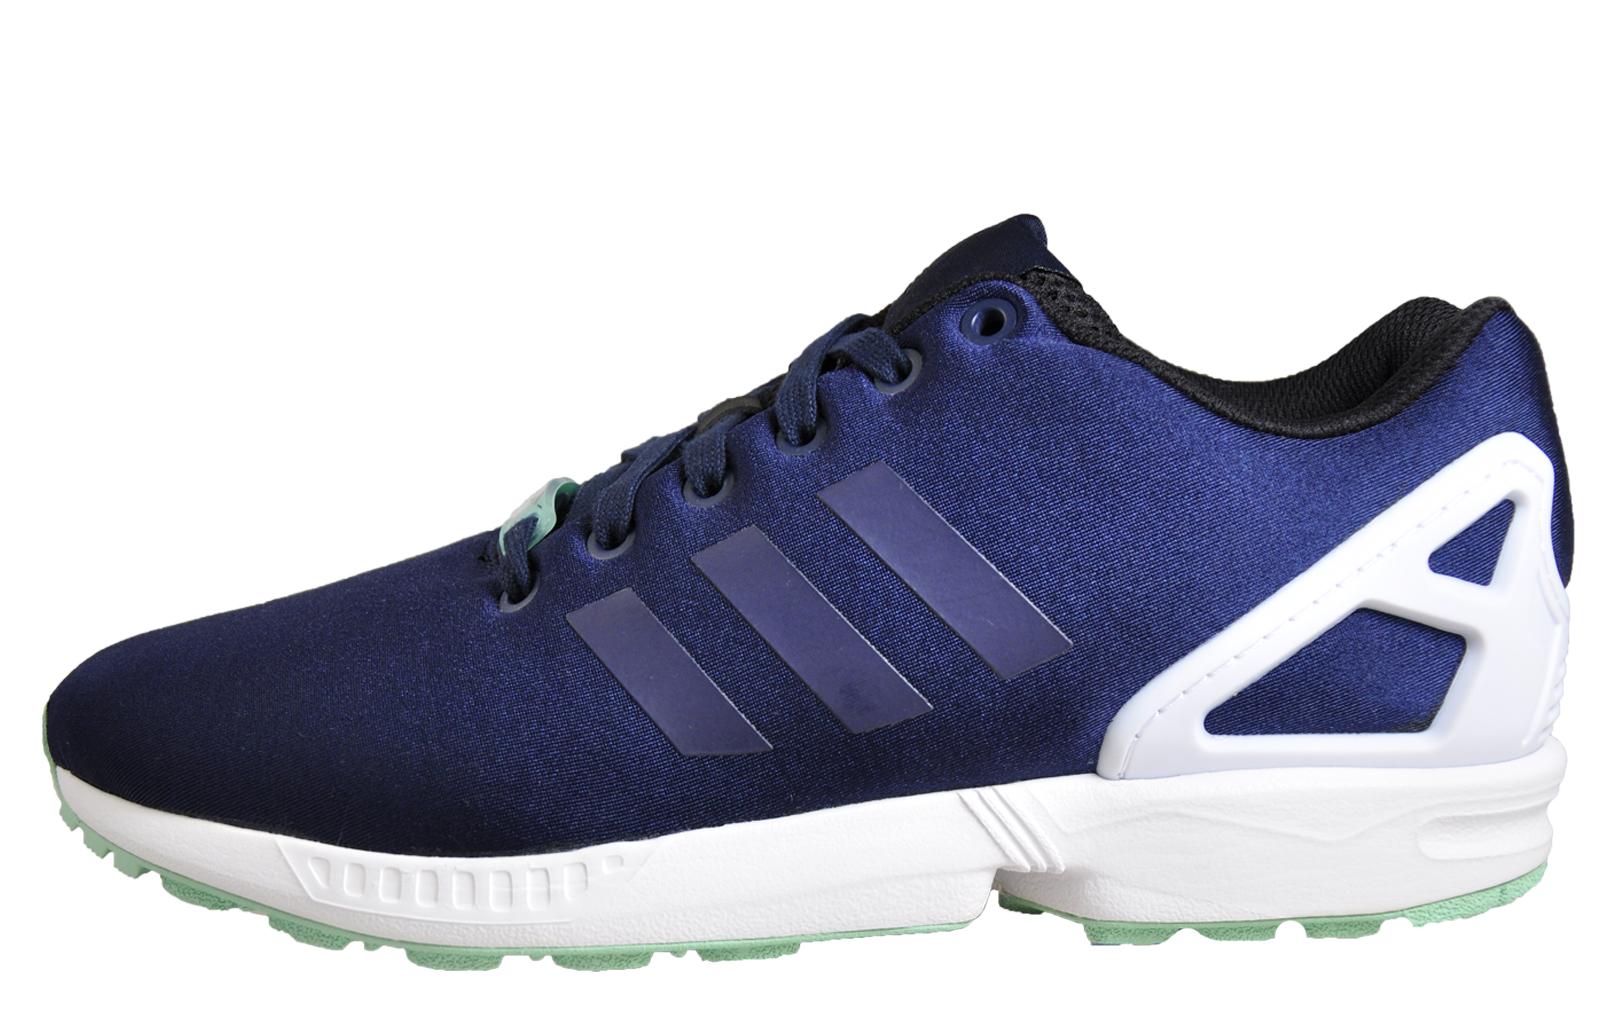 e485f4933c1f Adidas Originals ZX Flux Mens - AD174839